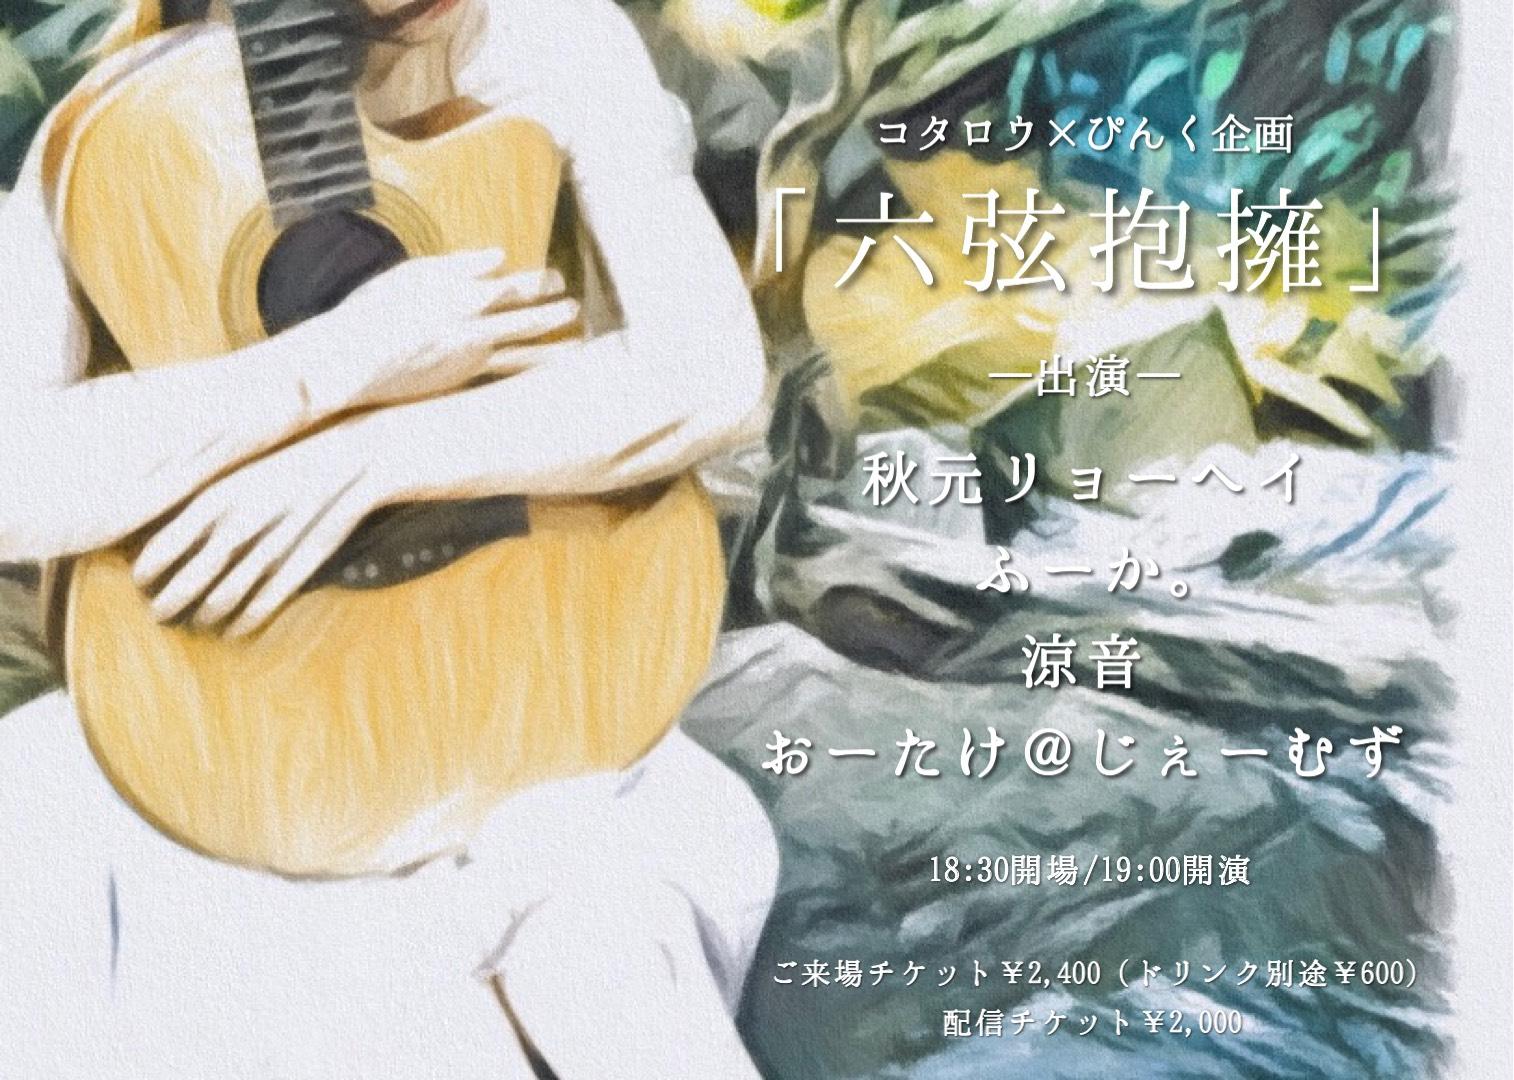 【コタロウ×ぴんく企画】六弦抱擁